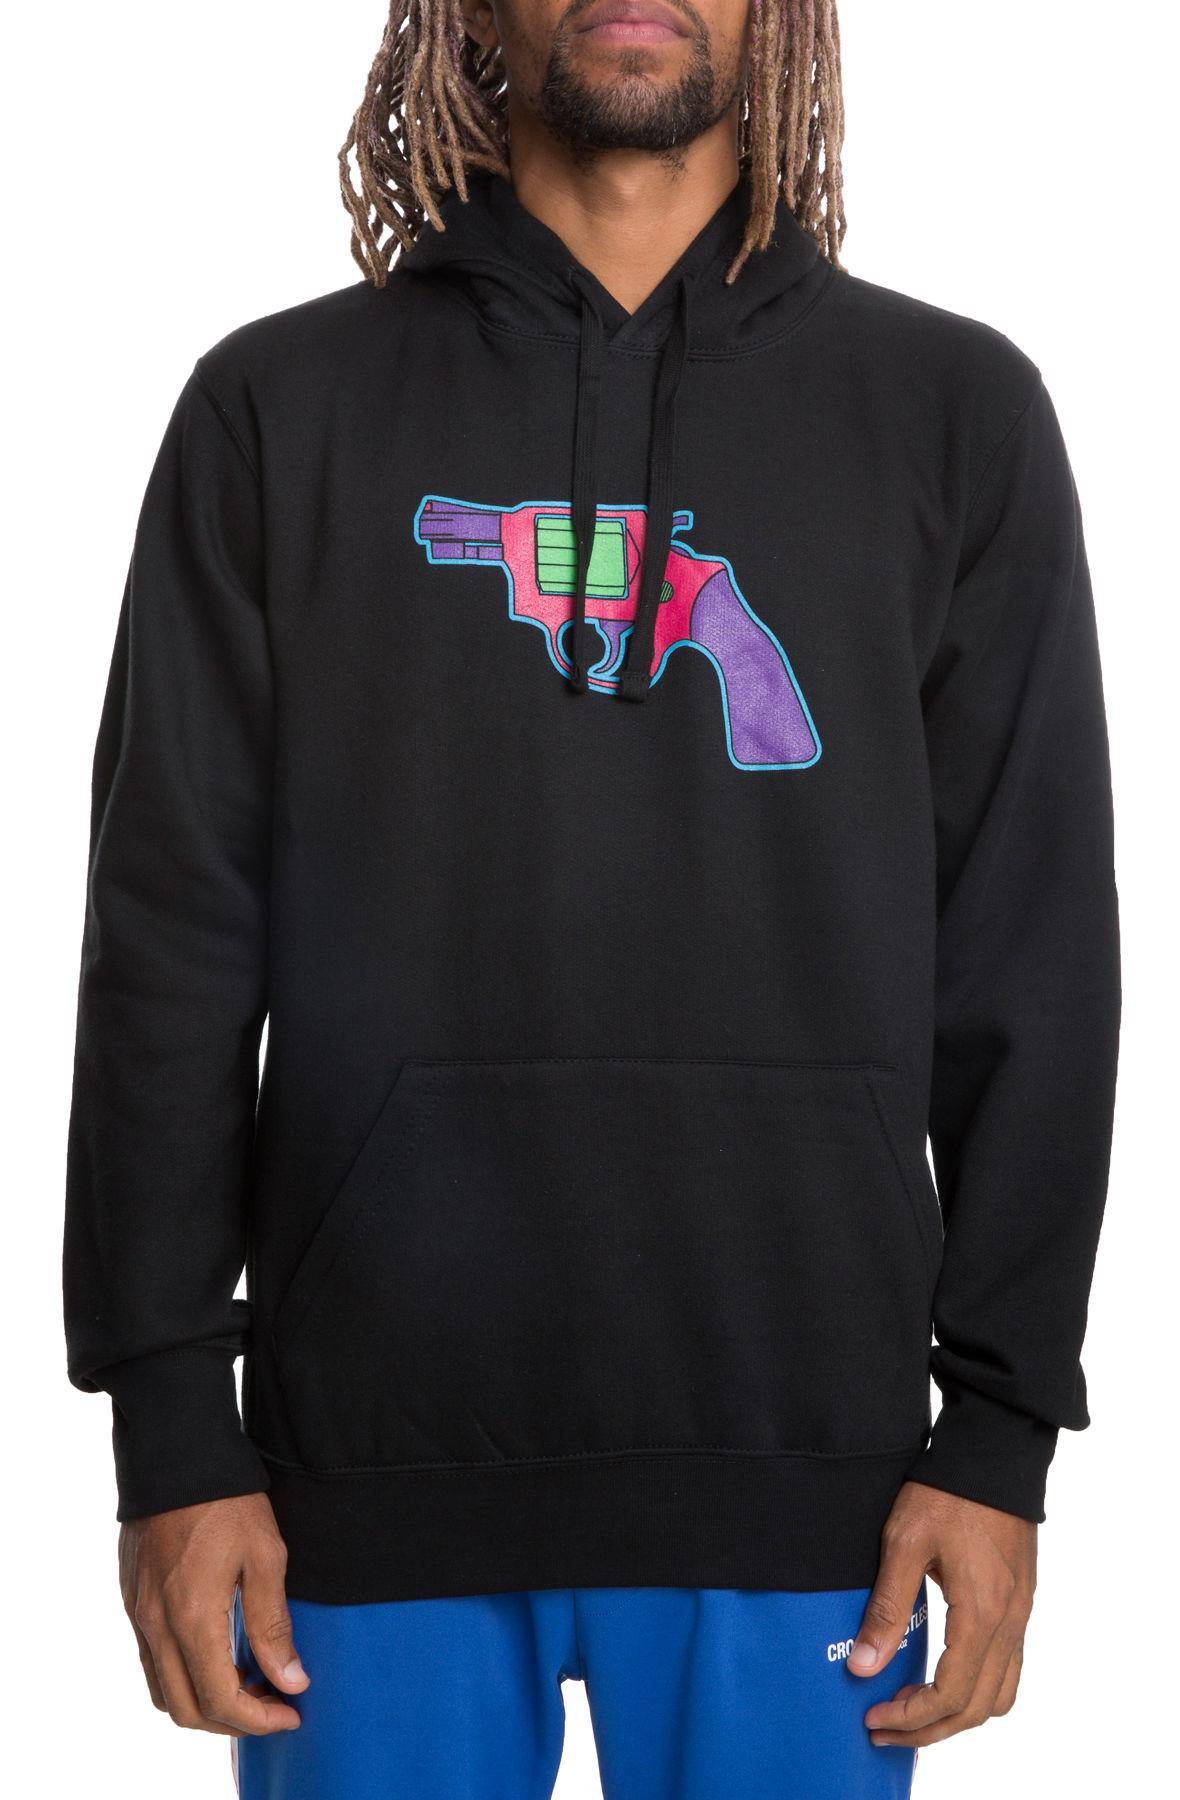 Image of The Toy Gun Hoodie in Black